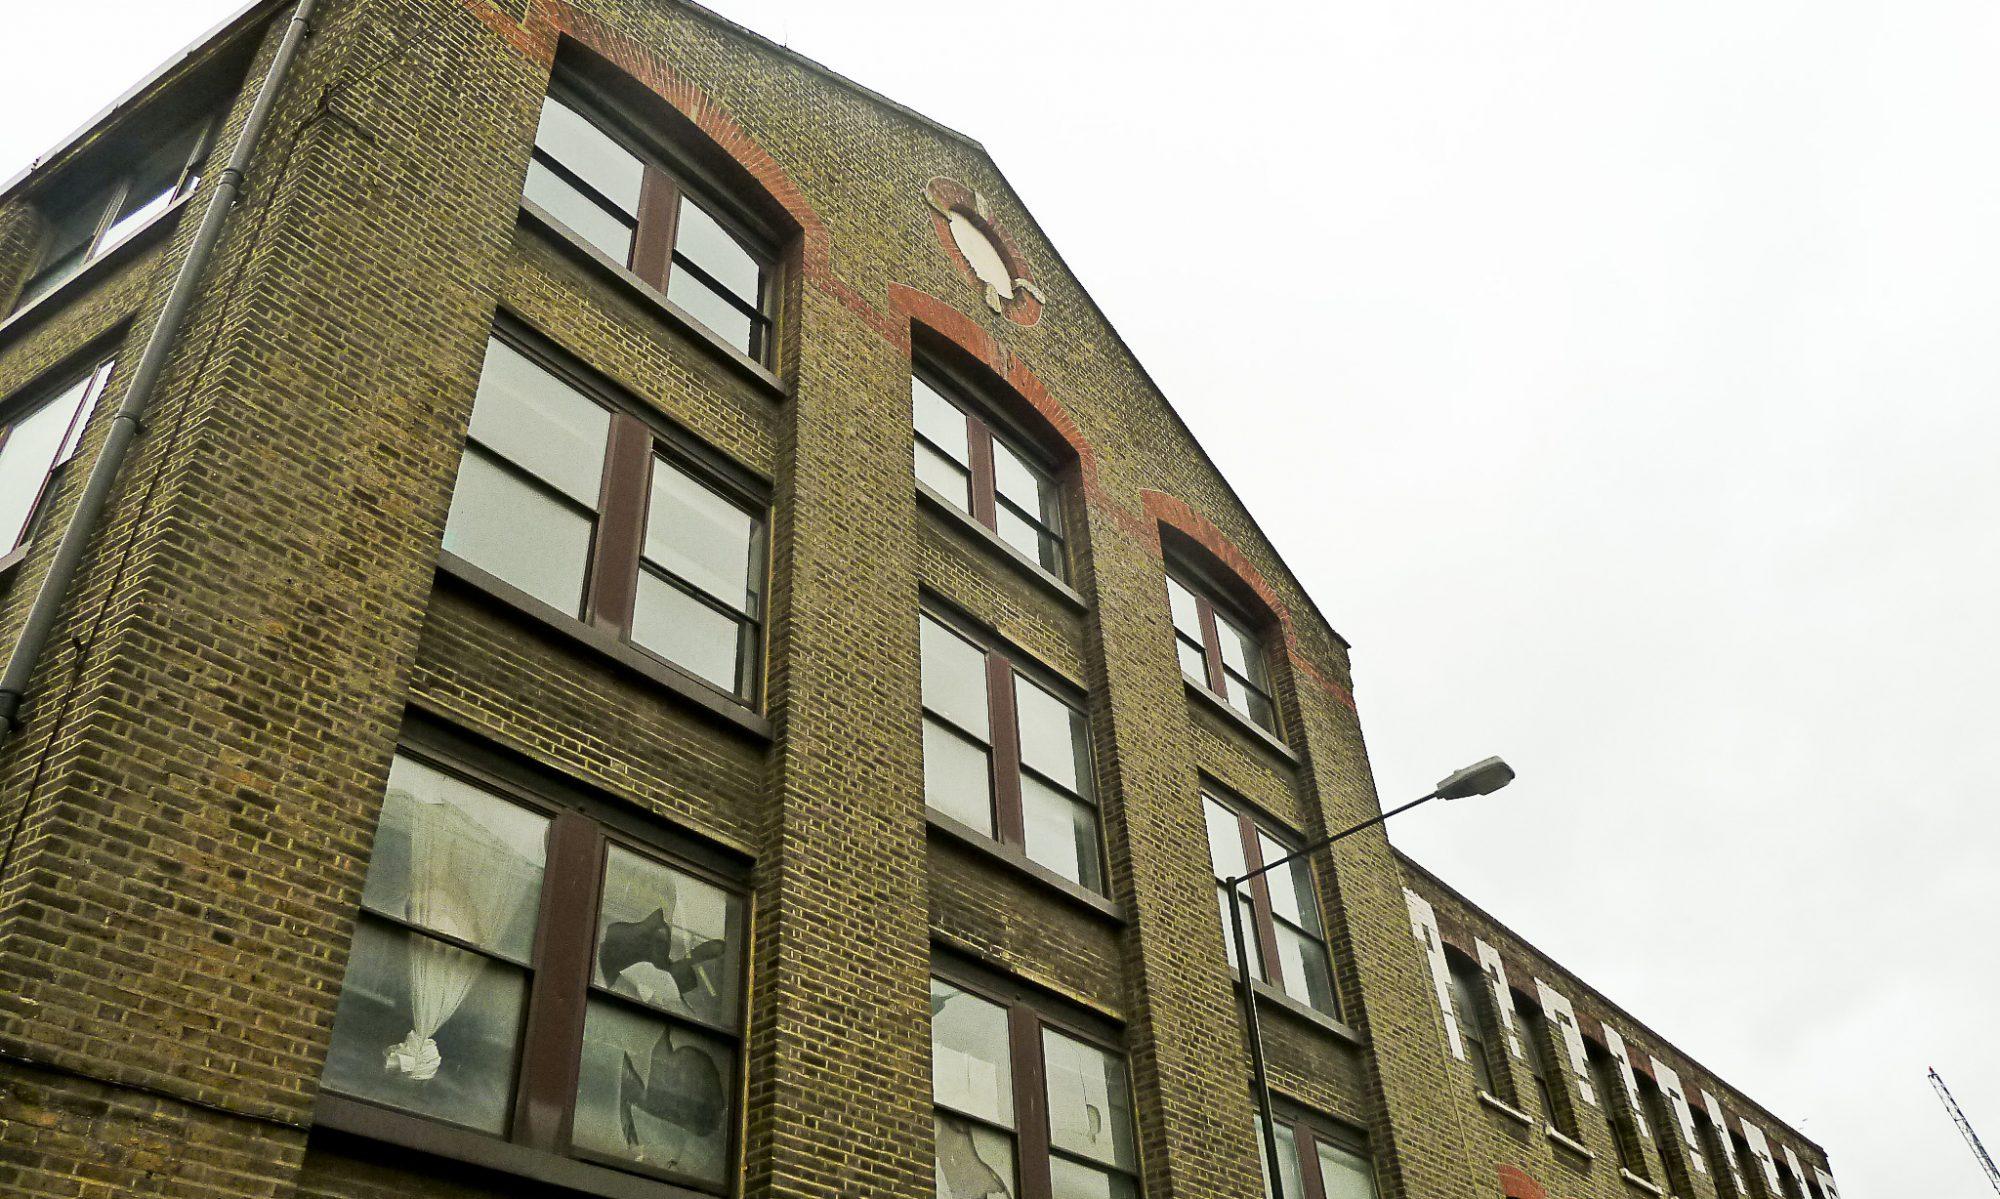 HACKNEY WICK STUDIOS